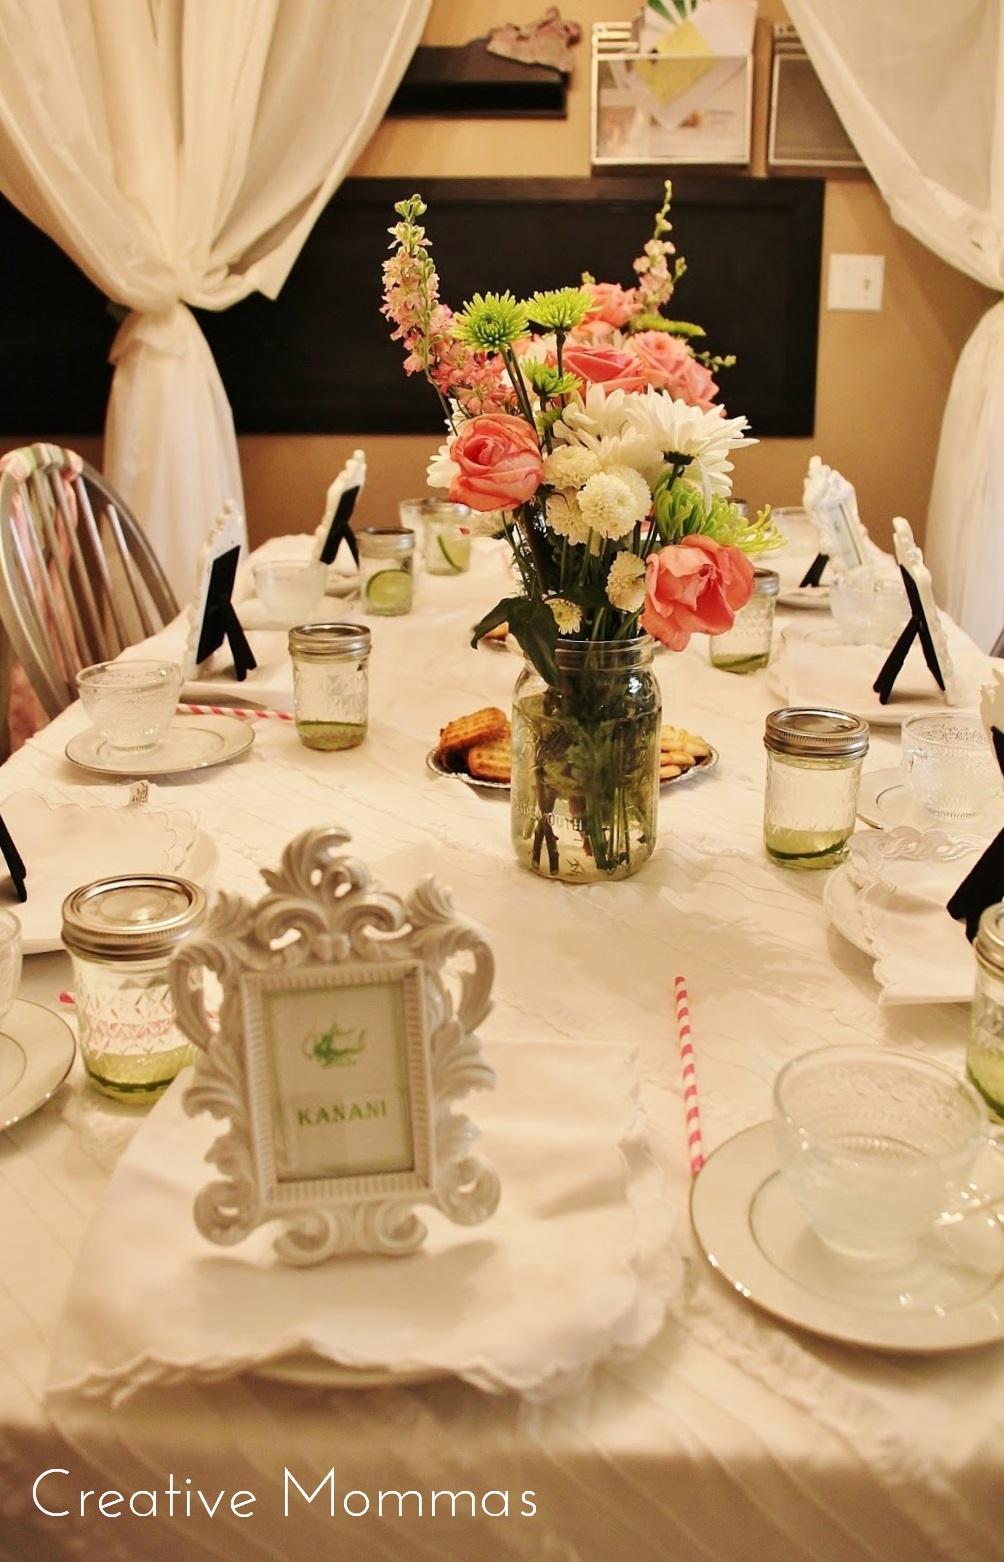 Creative Mommas: Tea Party Themed Birthday Party